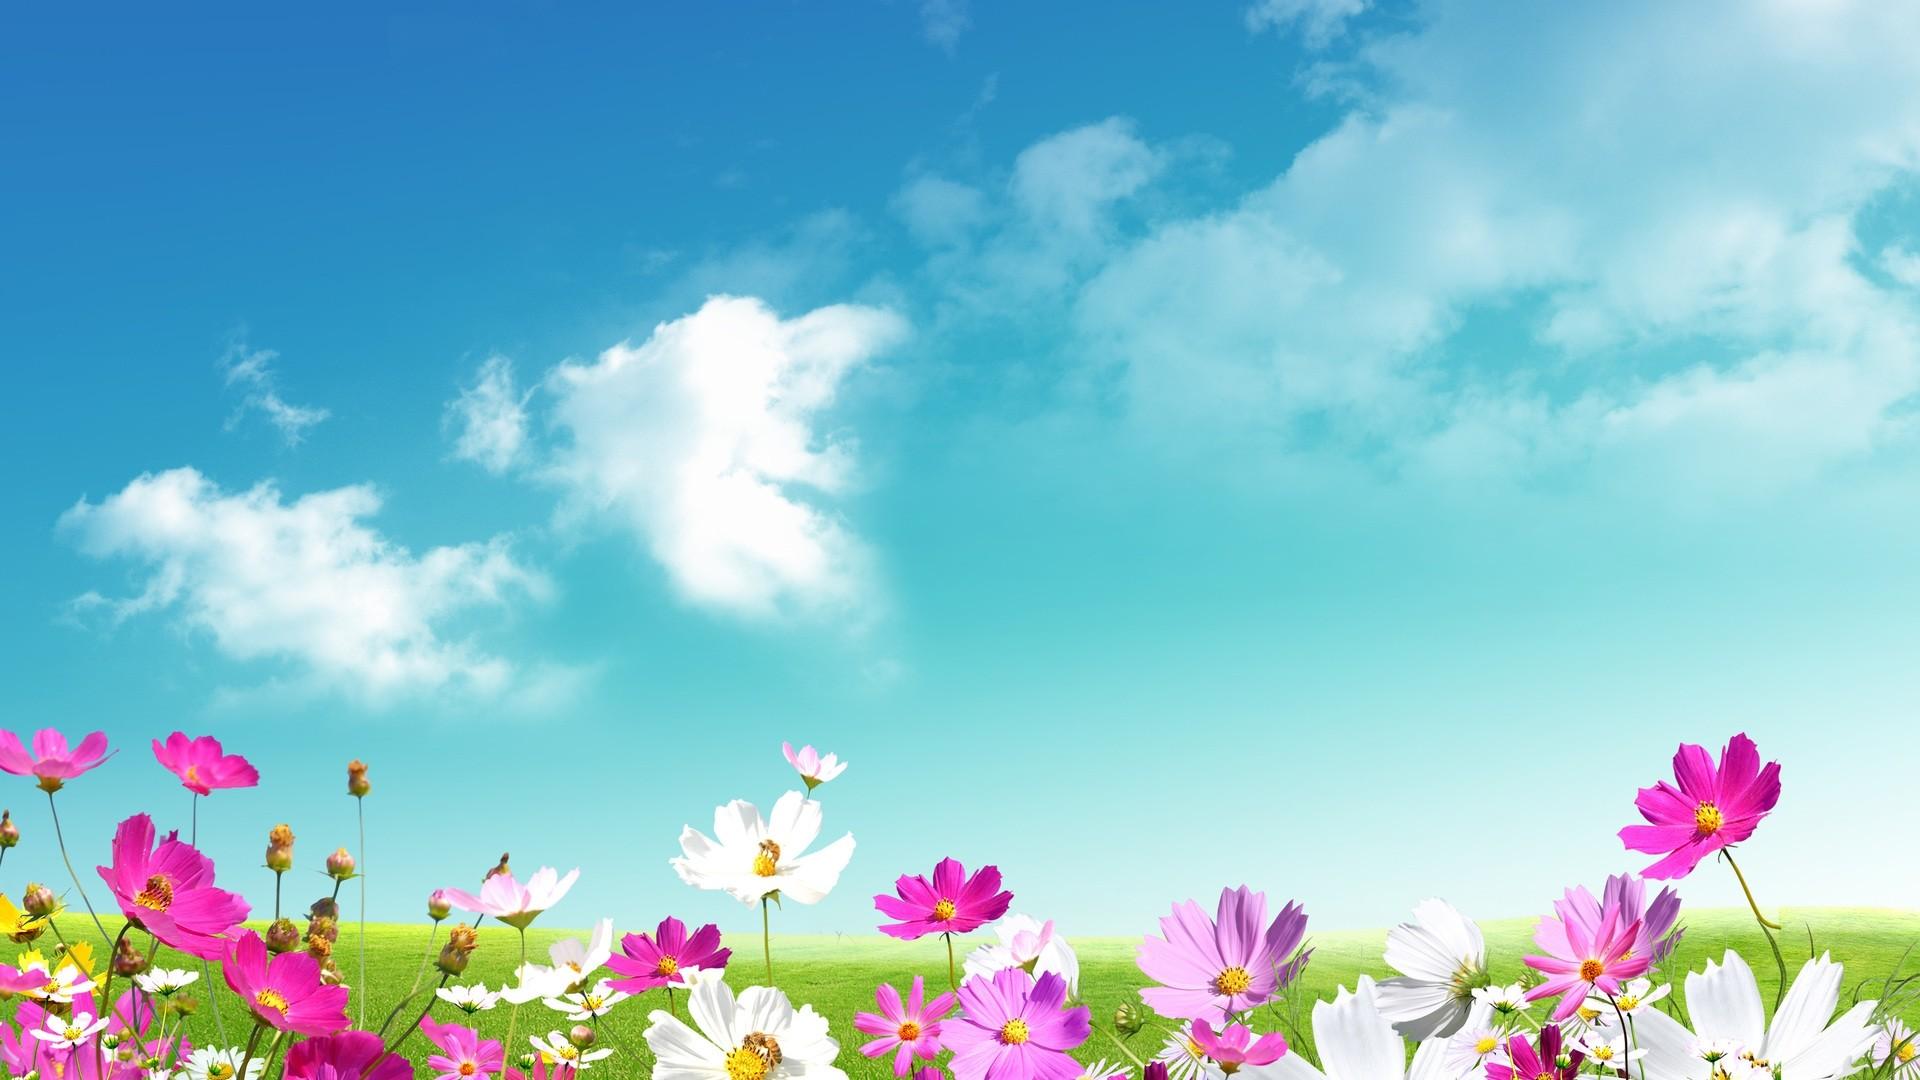 Spring Free Wallpaper